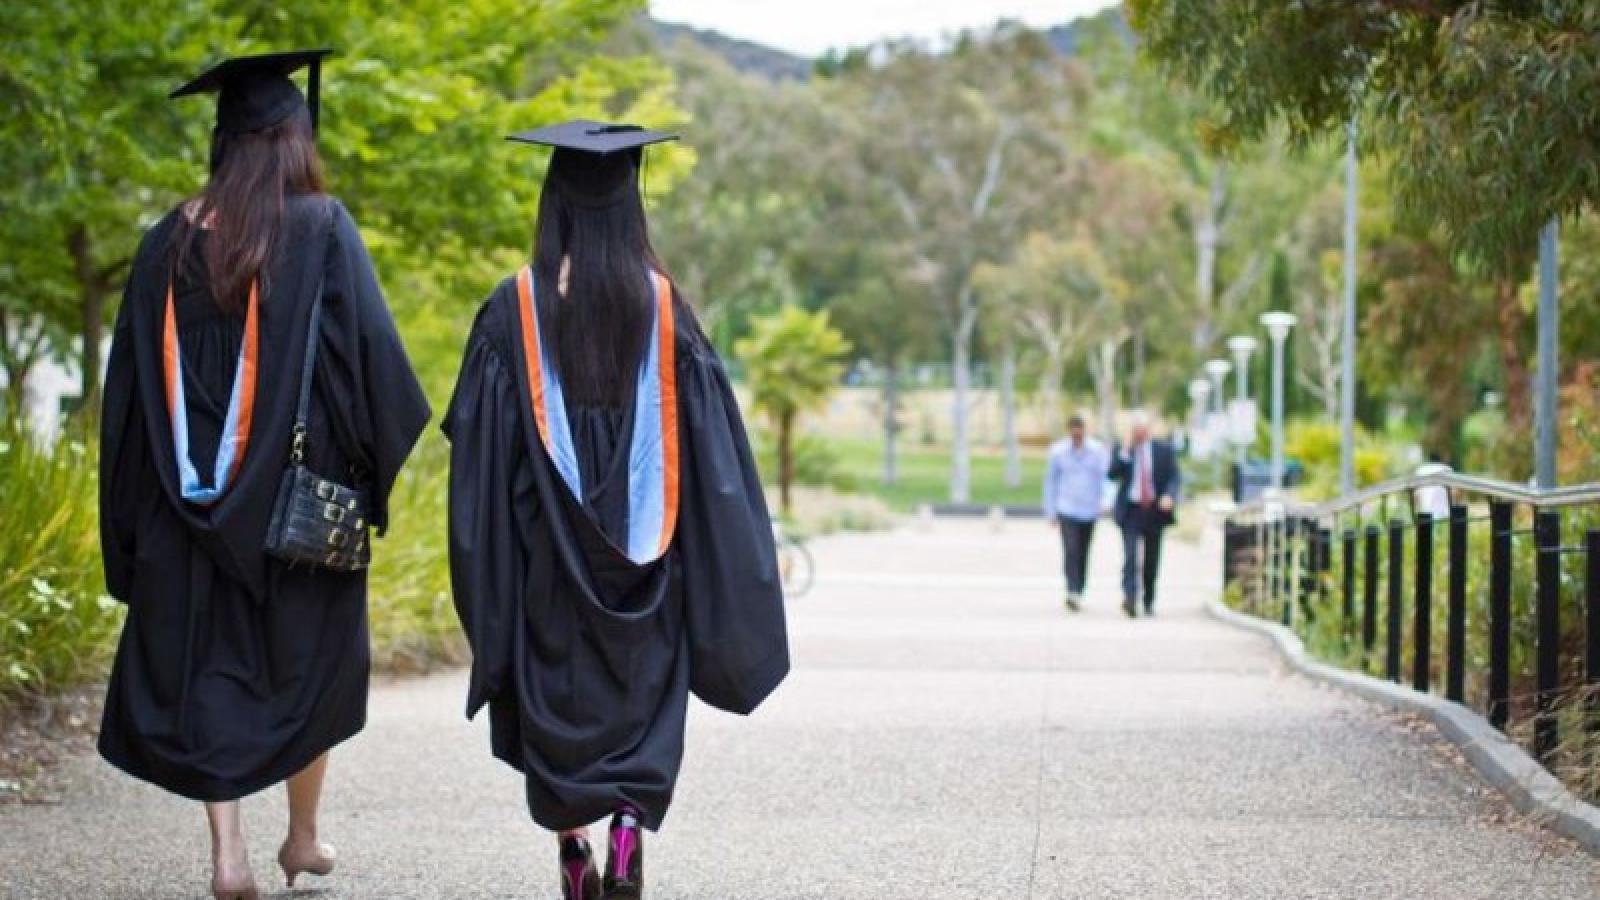 Các bang của Australia chi tiền hỗ trợ sinh viên quốc tế